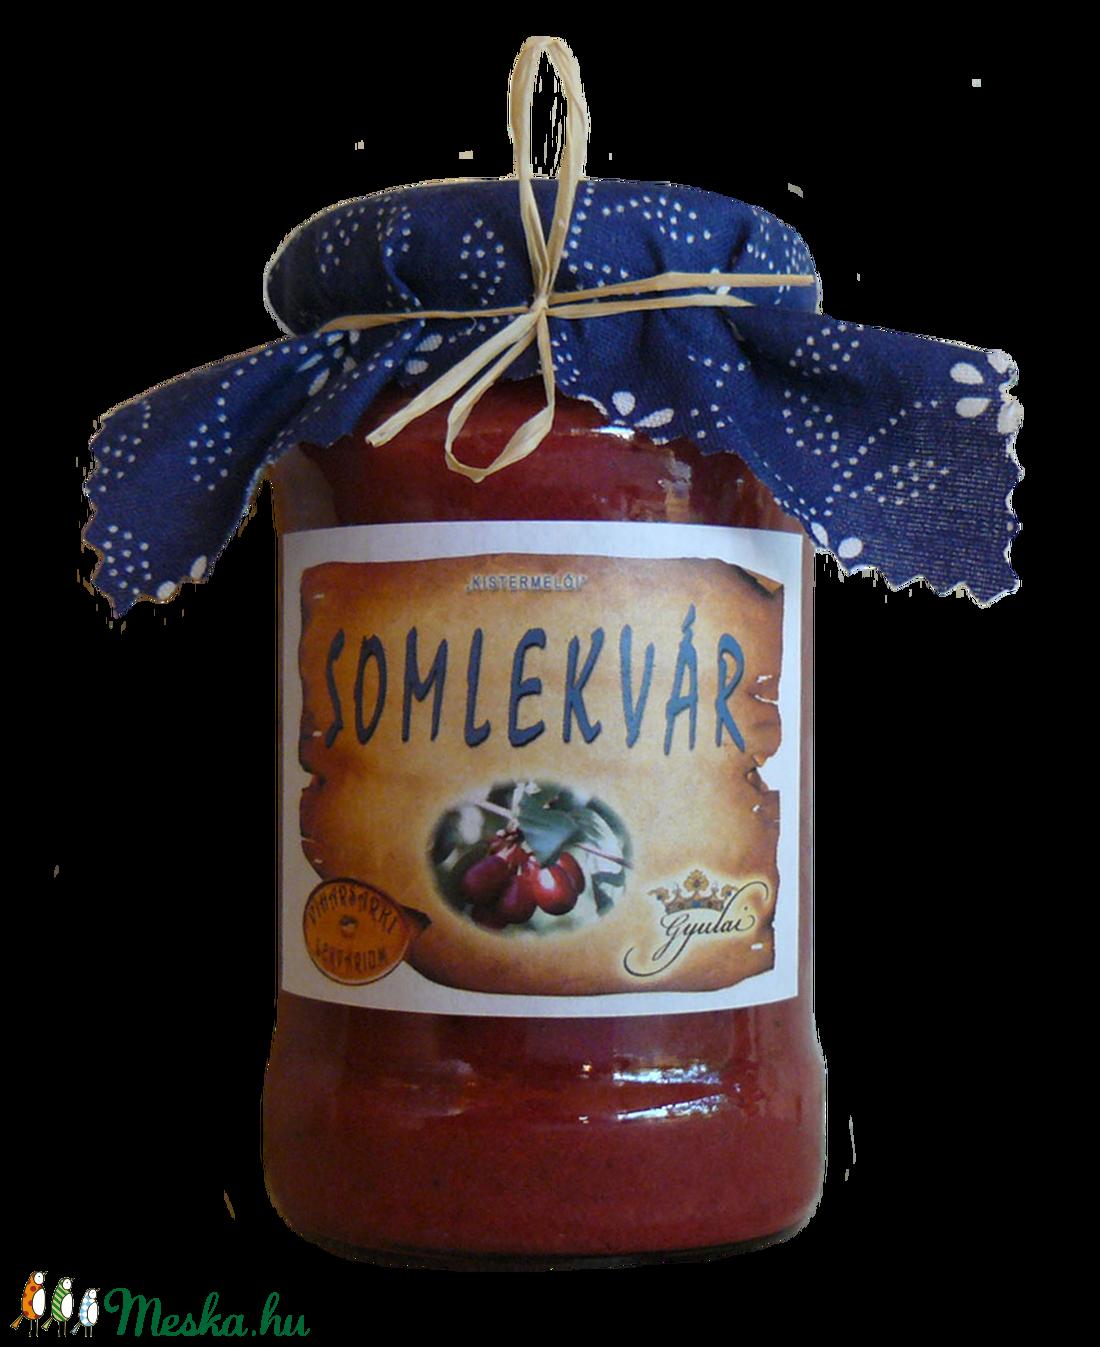 Somlekvár (viharsarkilekvariu) - Meska.hu